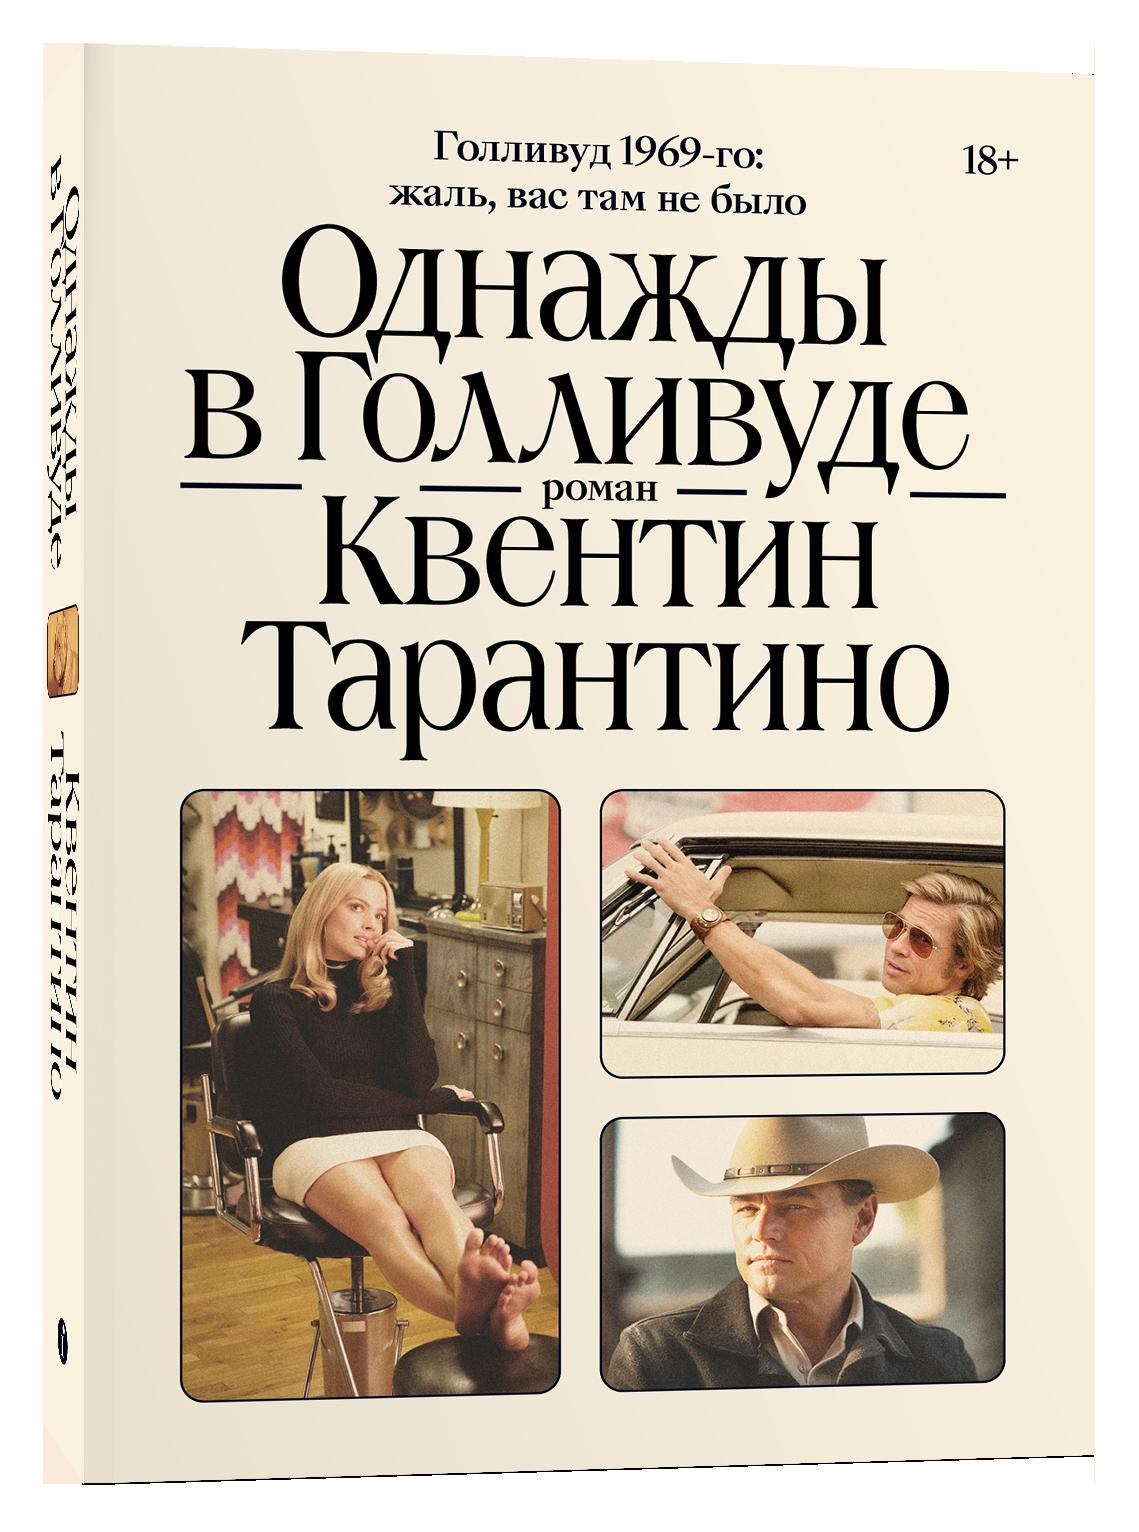 Individuum и «Букмейт» выпустят в ноябре перевод дебютного романа Квентина Тарантино